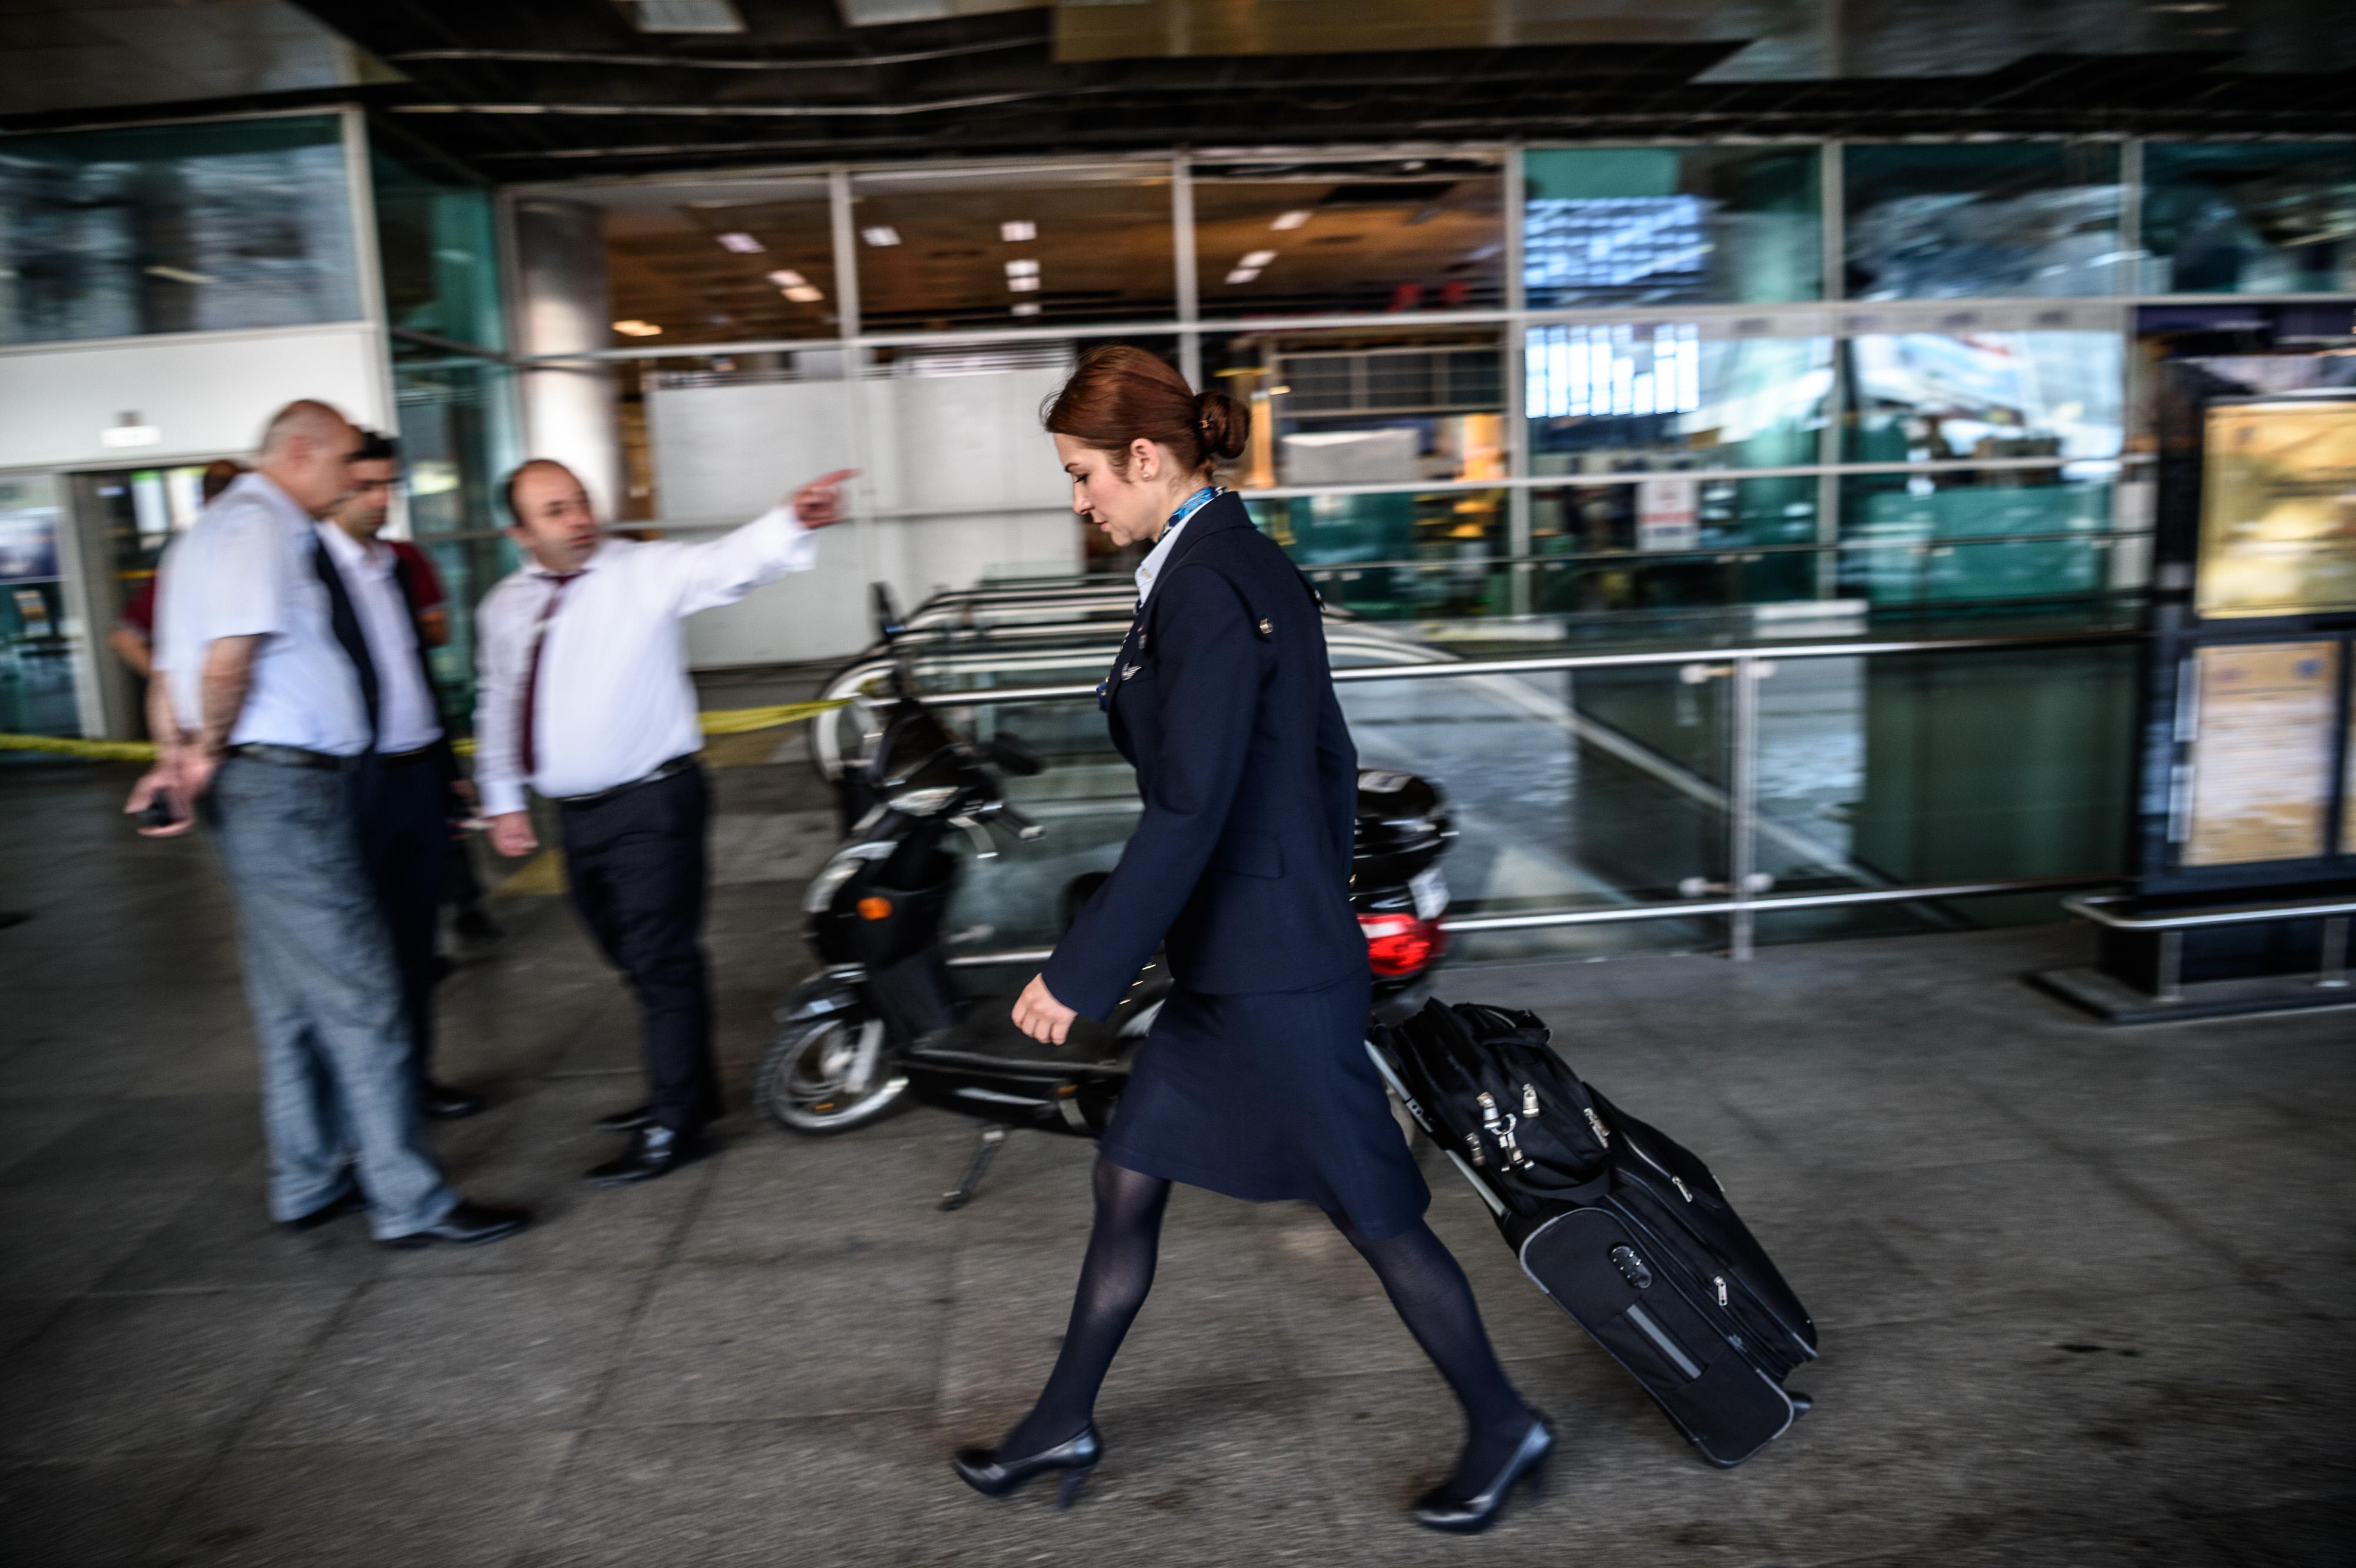 موظفة داخل مطار أتاتورك بعد التفجير حيث علقت فيه الرحلات الجوية